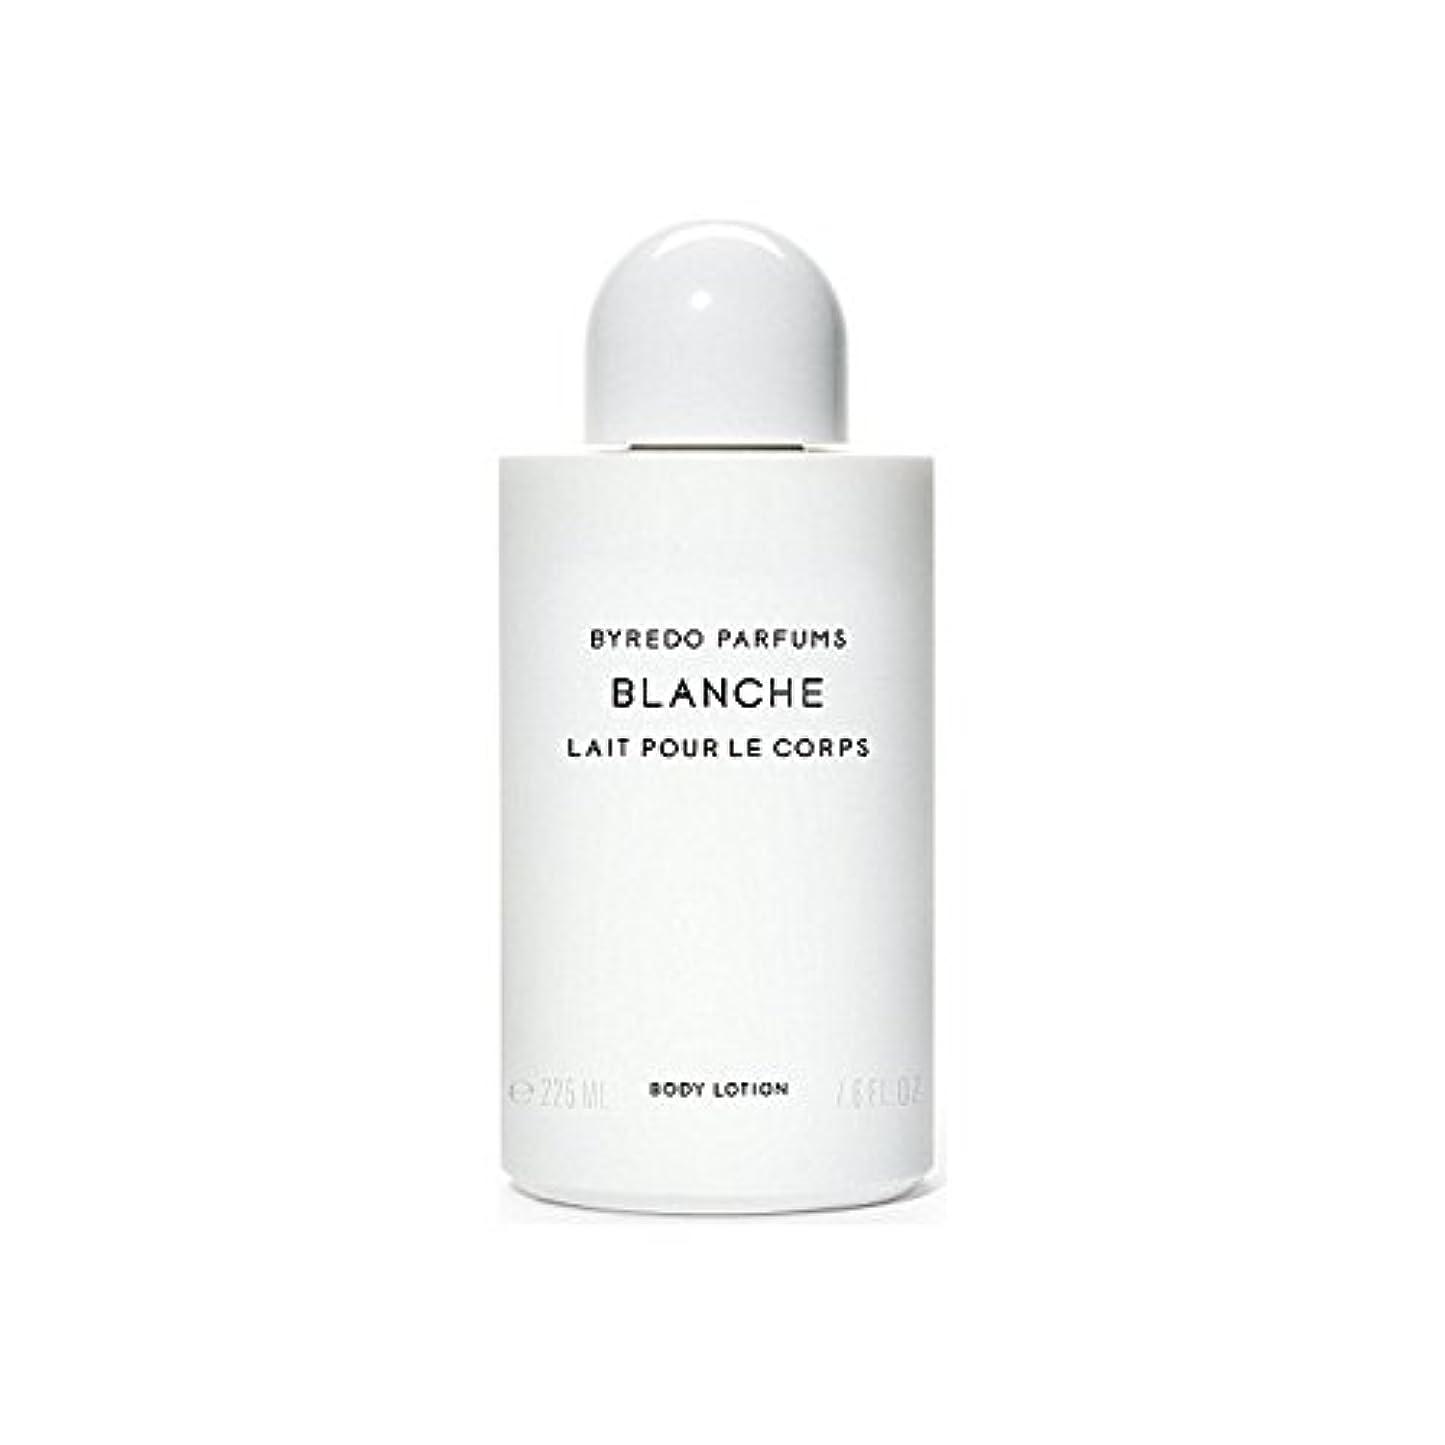 りんご安息外交問題ブランシュボディローション225ミリリットル x2 - Byredo Blanche Body Lotion 225ml (Pack of 2) [並行輸入品]